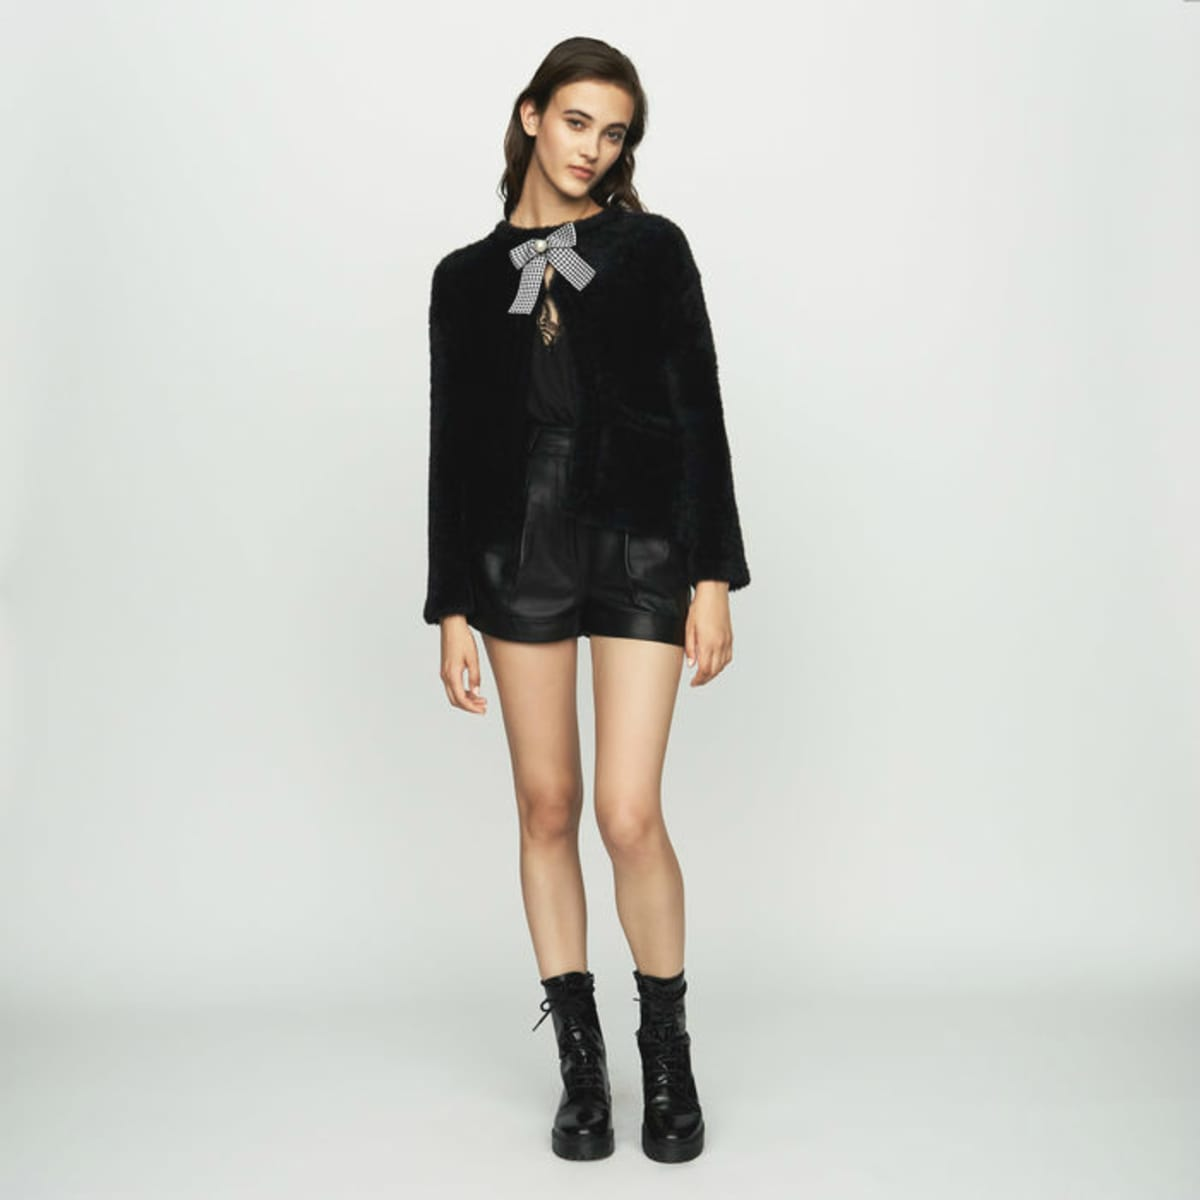 Maje women's wear black Paris